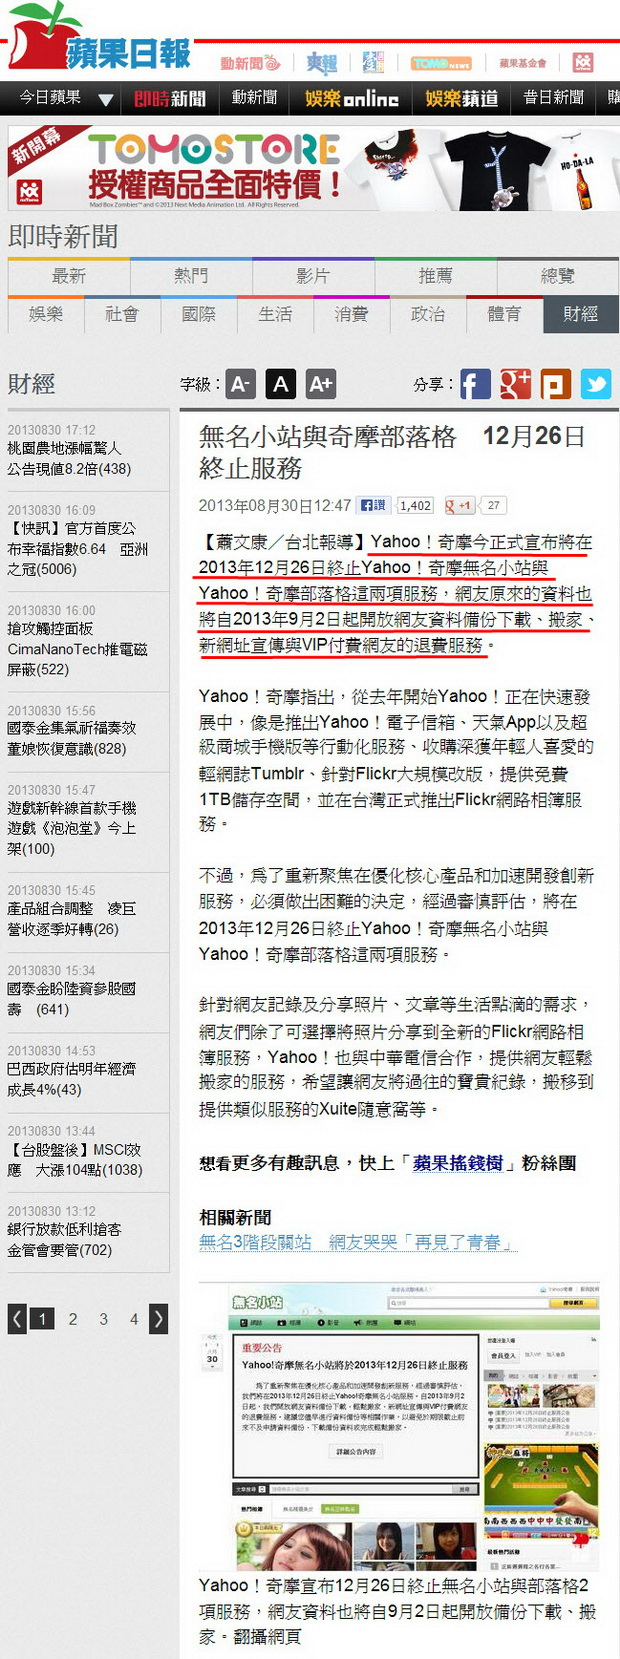 無名小站與奇摩部落格 12月26日終止服務-2013.08.30.jpg